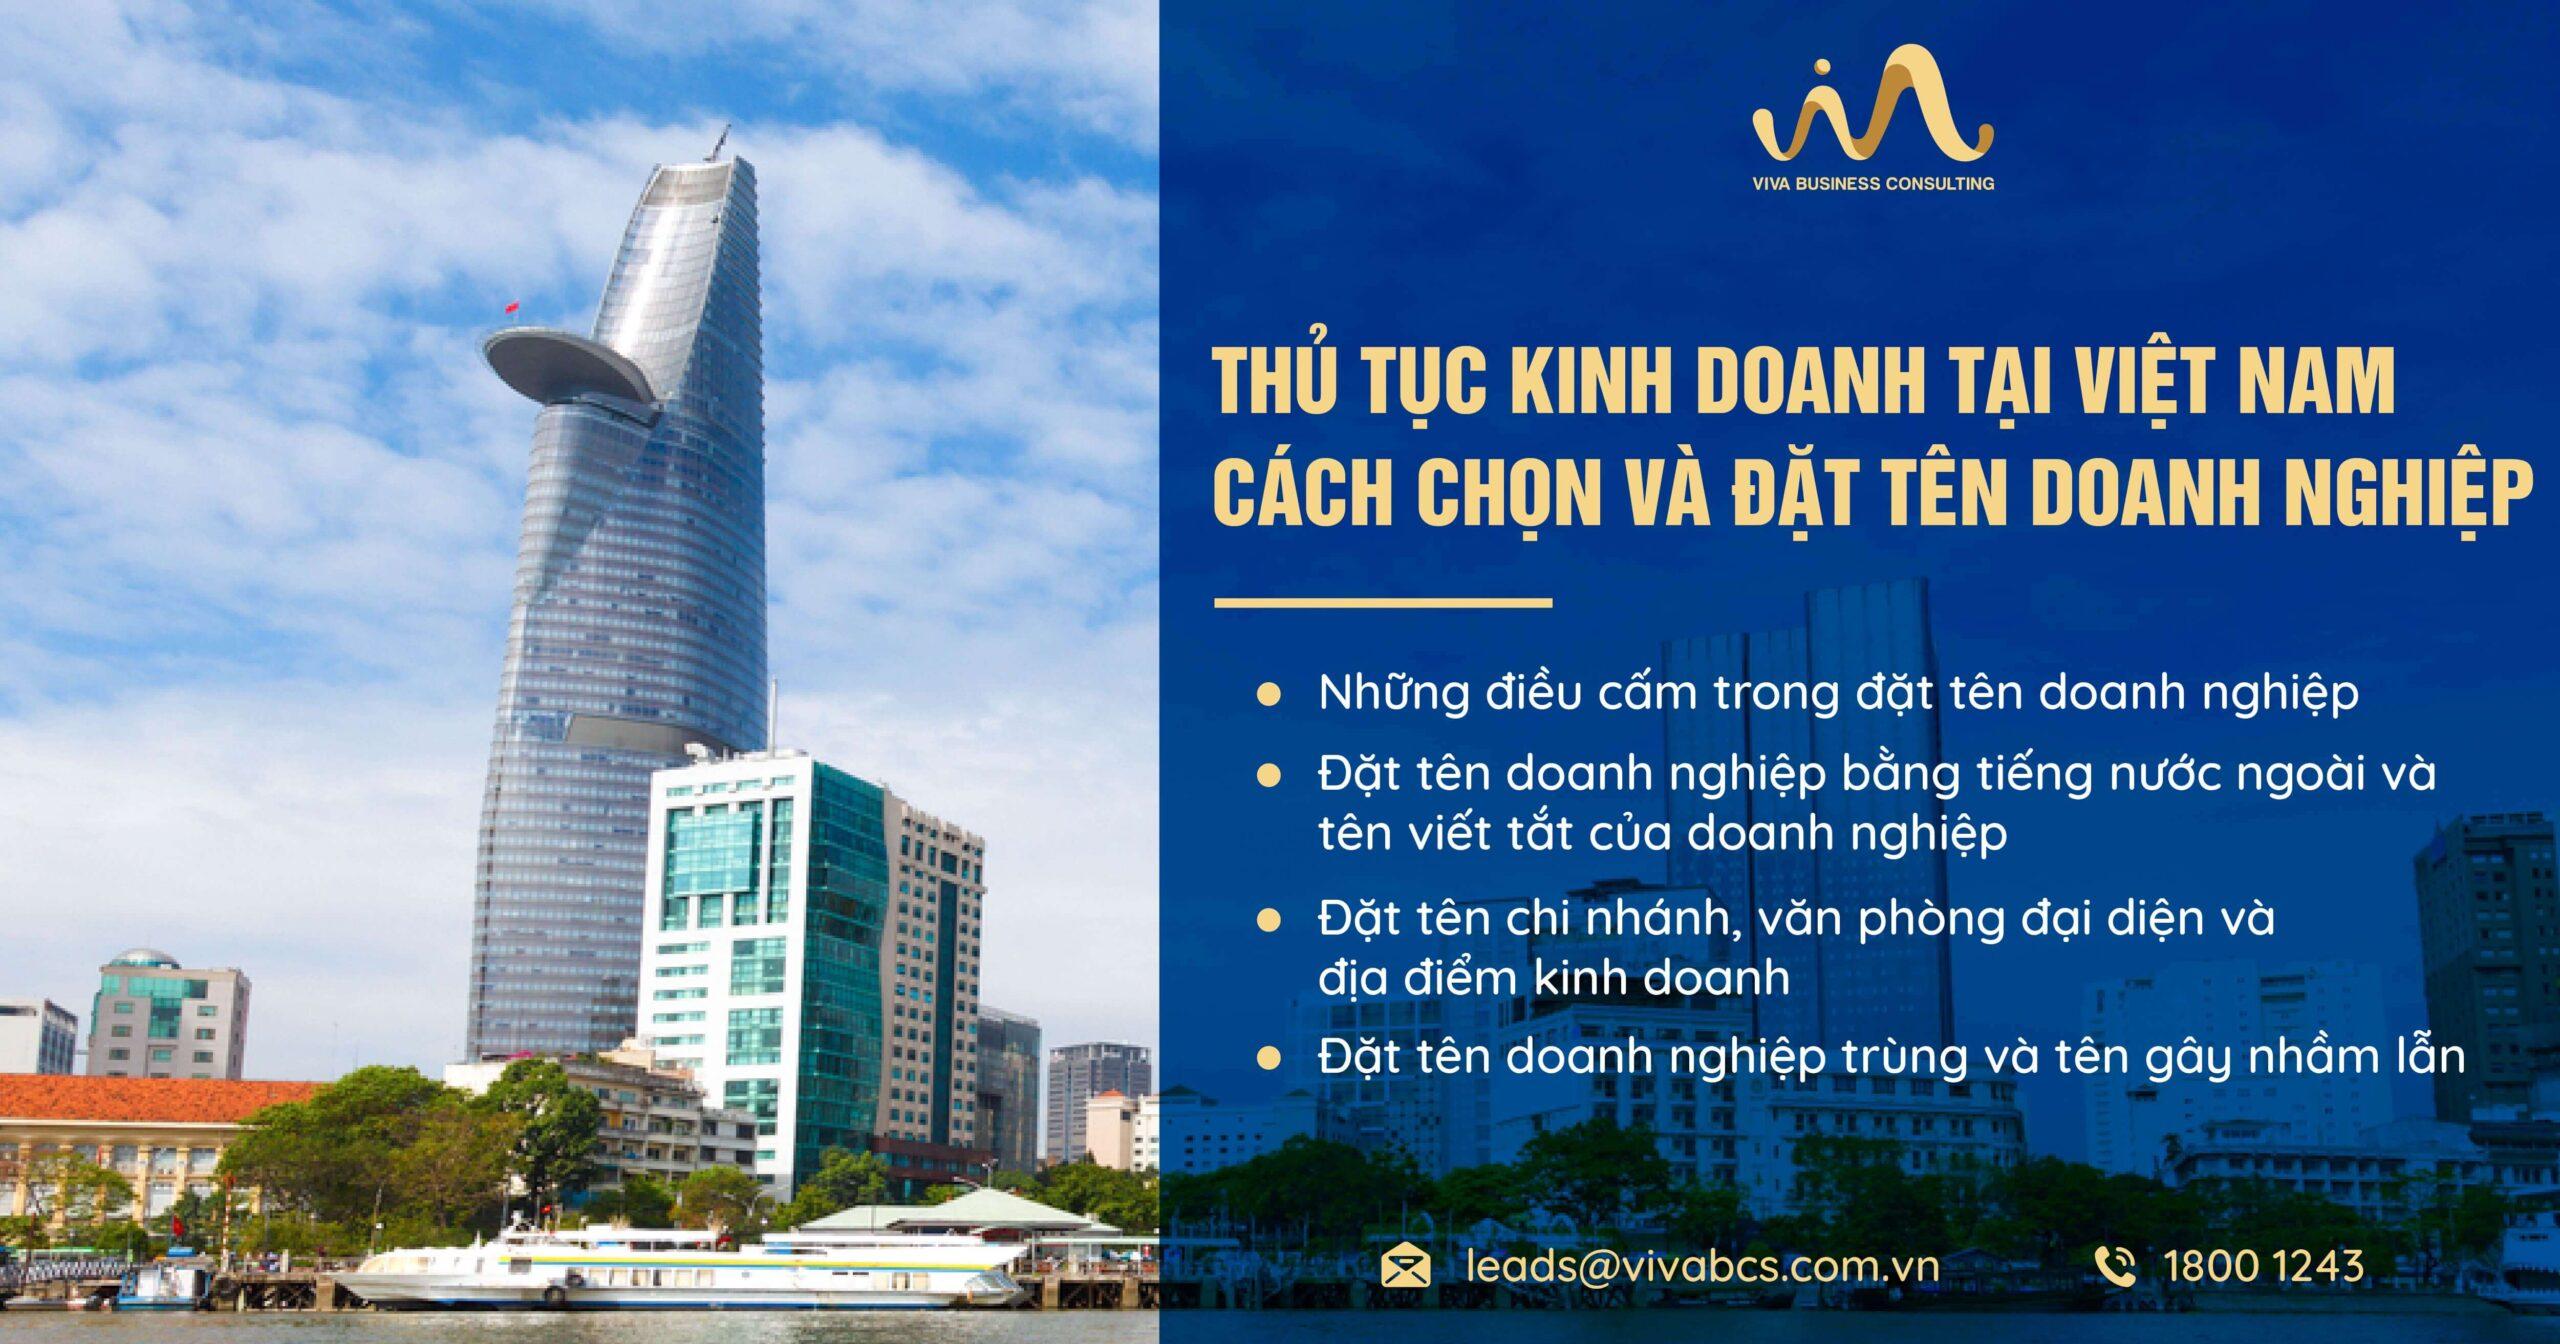 Thủ Tục Kinh Doanh Tại Việt Nam - Chọn Và Đặt Tên Doanh Nghiệp